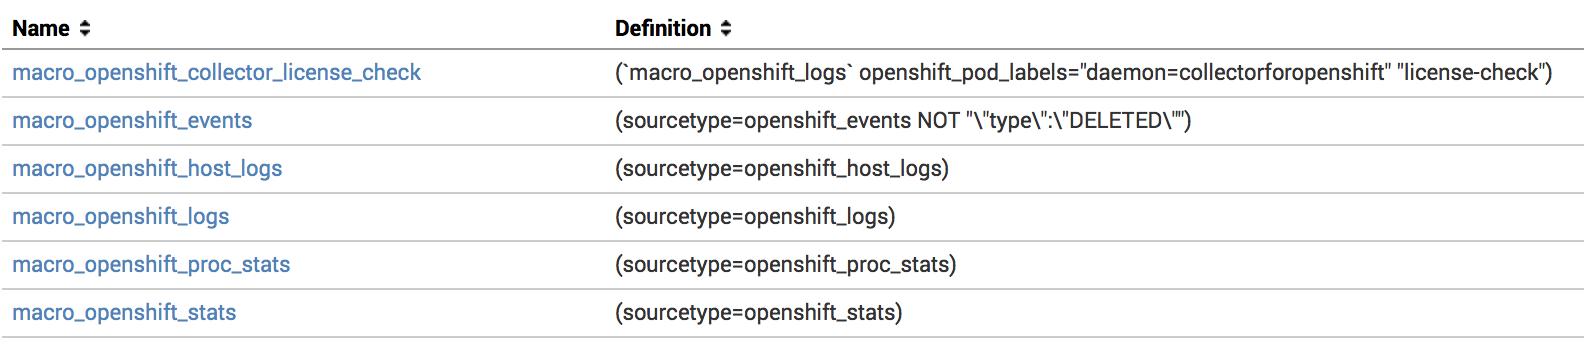 Monitoring OpenShift - Macros